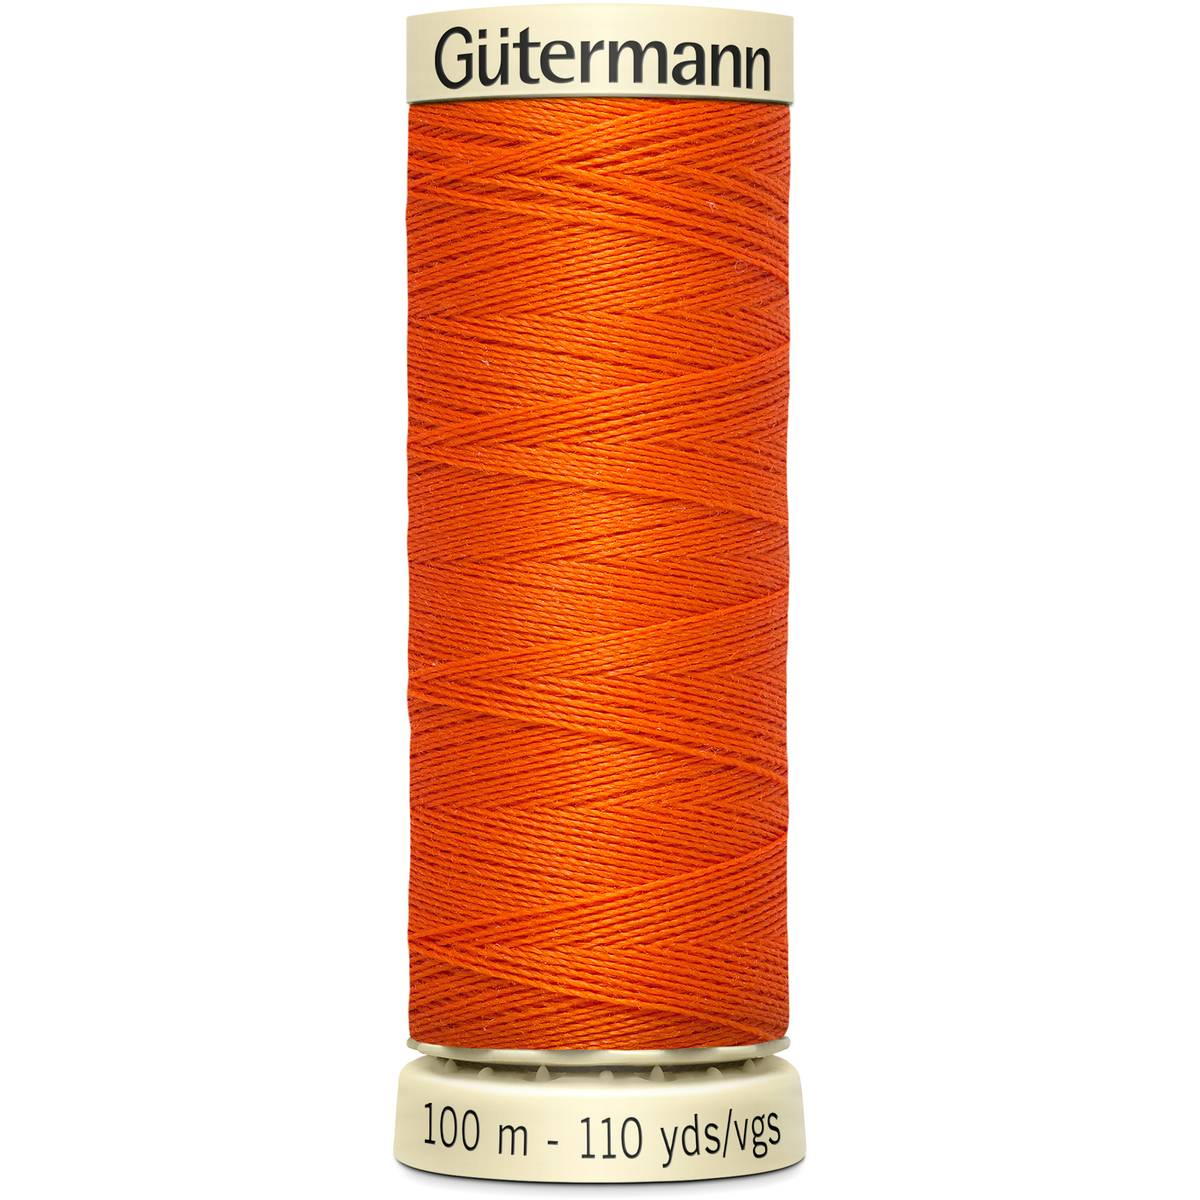 חוט תפירה גוטרמן - Orange 351